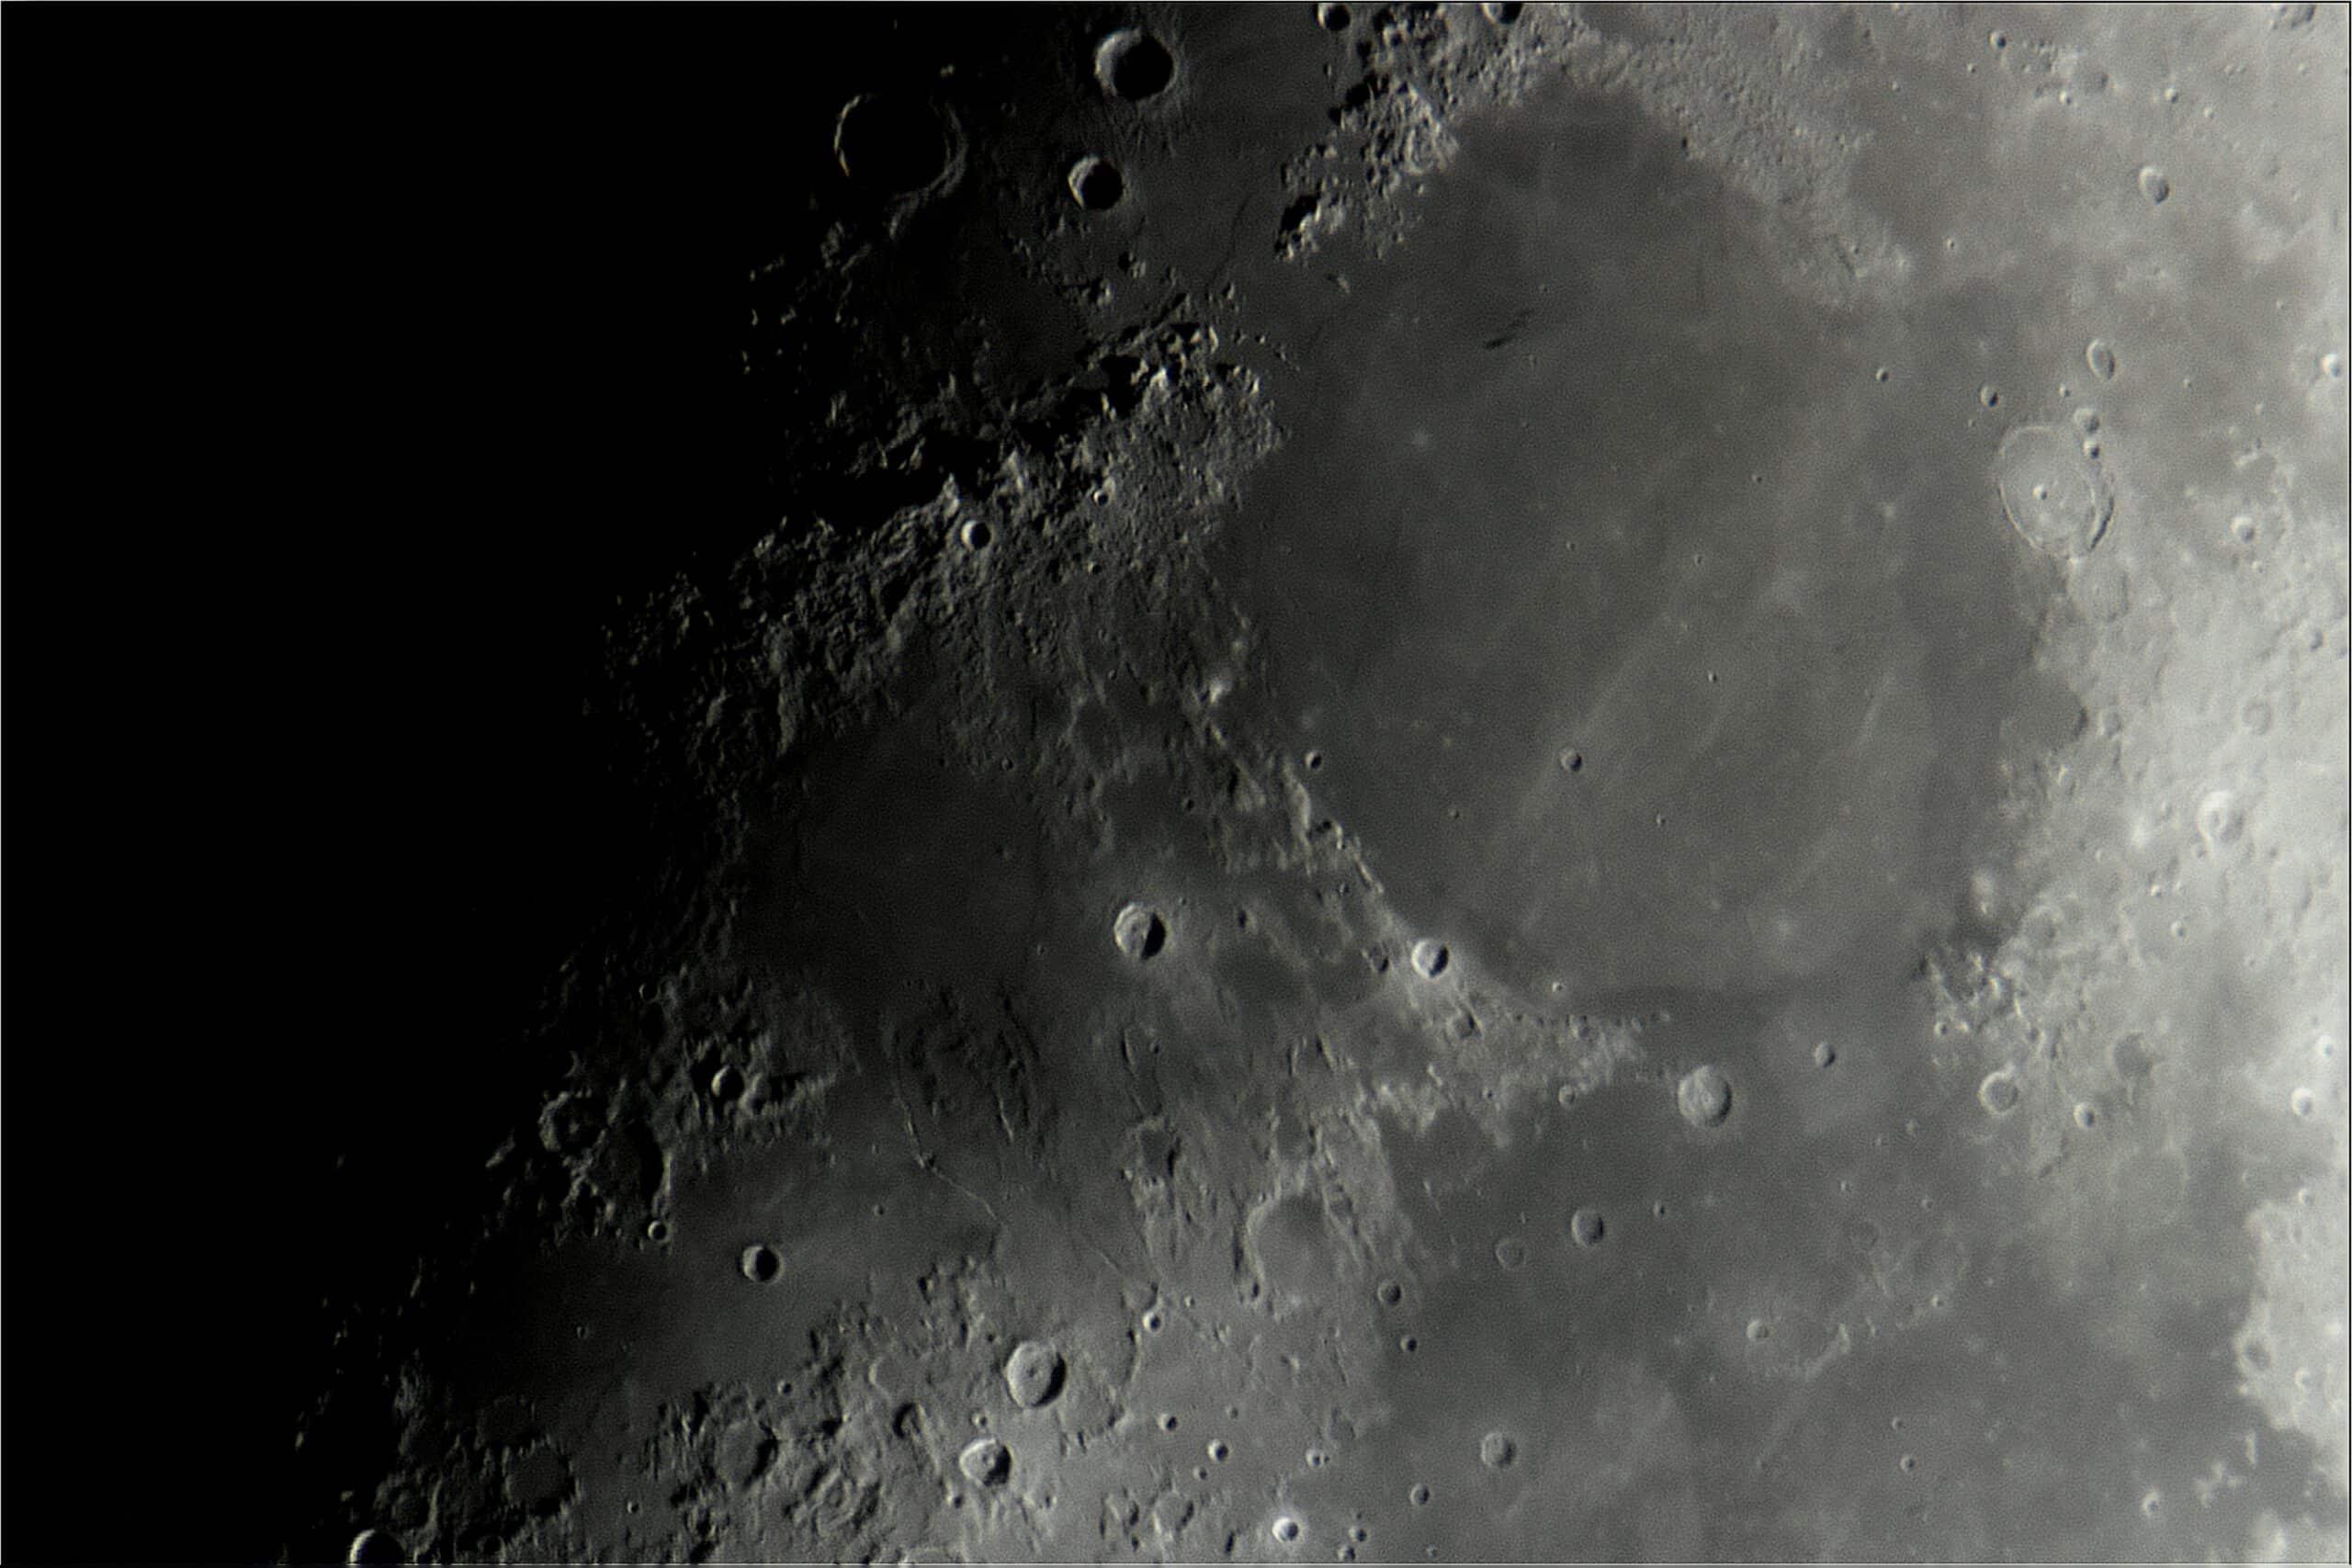 Hierbij 2 foto's van de Maan langs de terminator op 4 december. Er is een 5x powermate gebruikt op